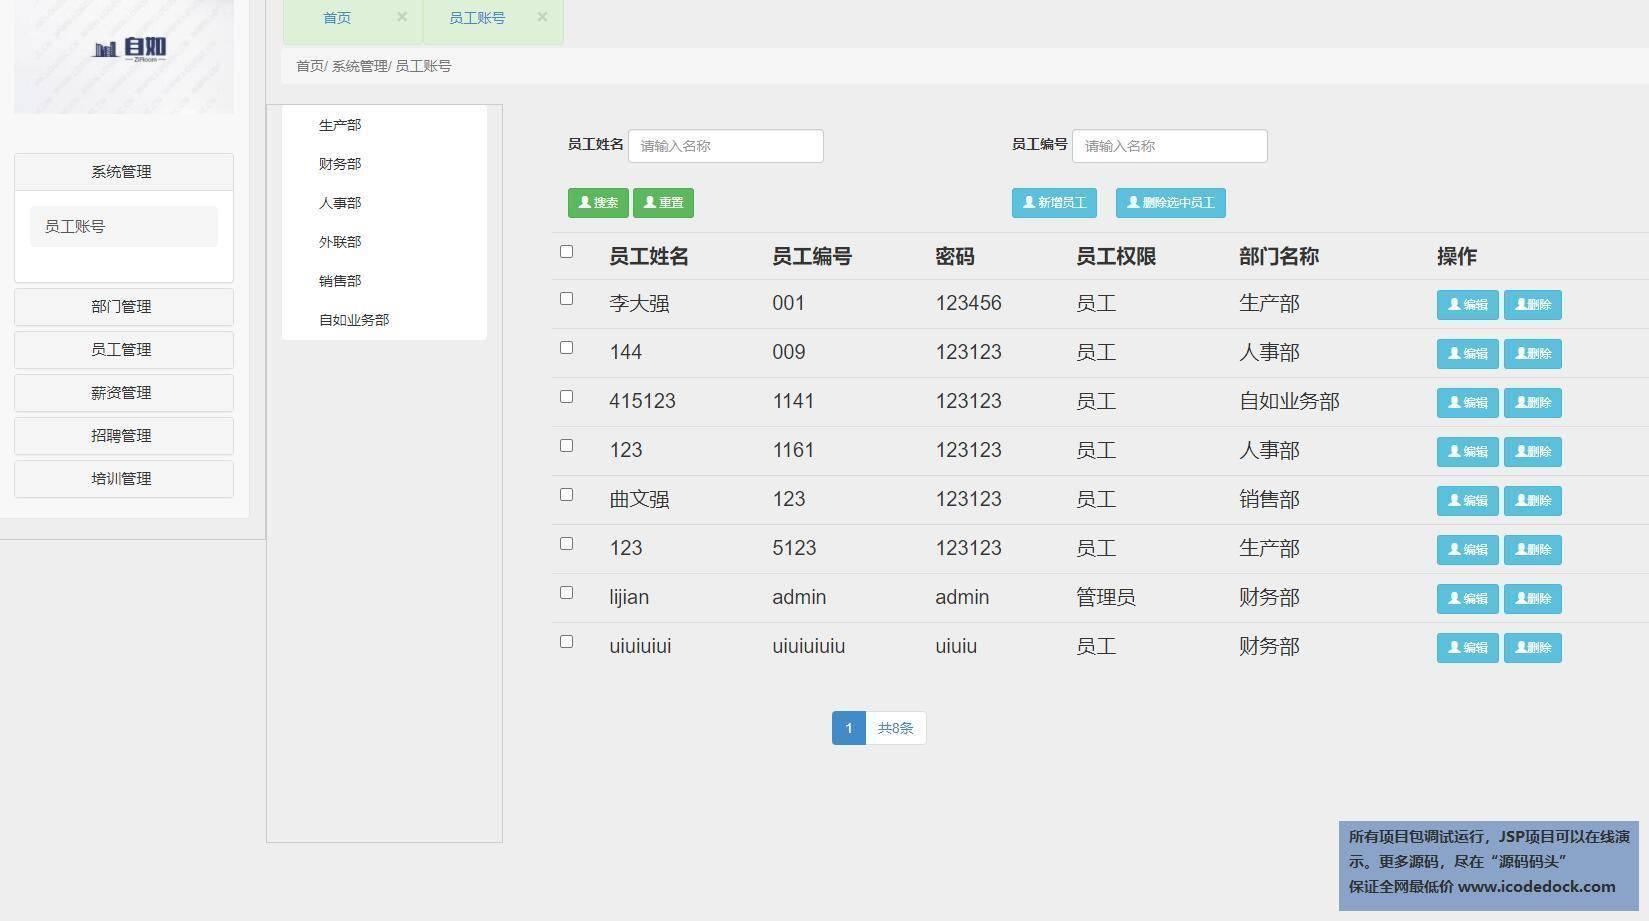 源码码头-SSM公司人力资源管理系统-管理员角色-员工账号